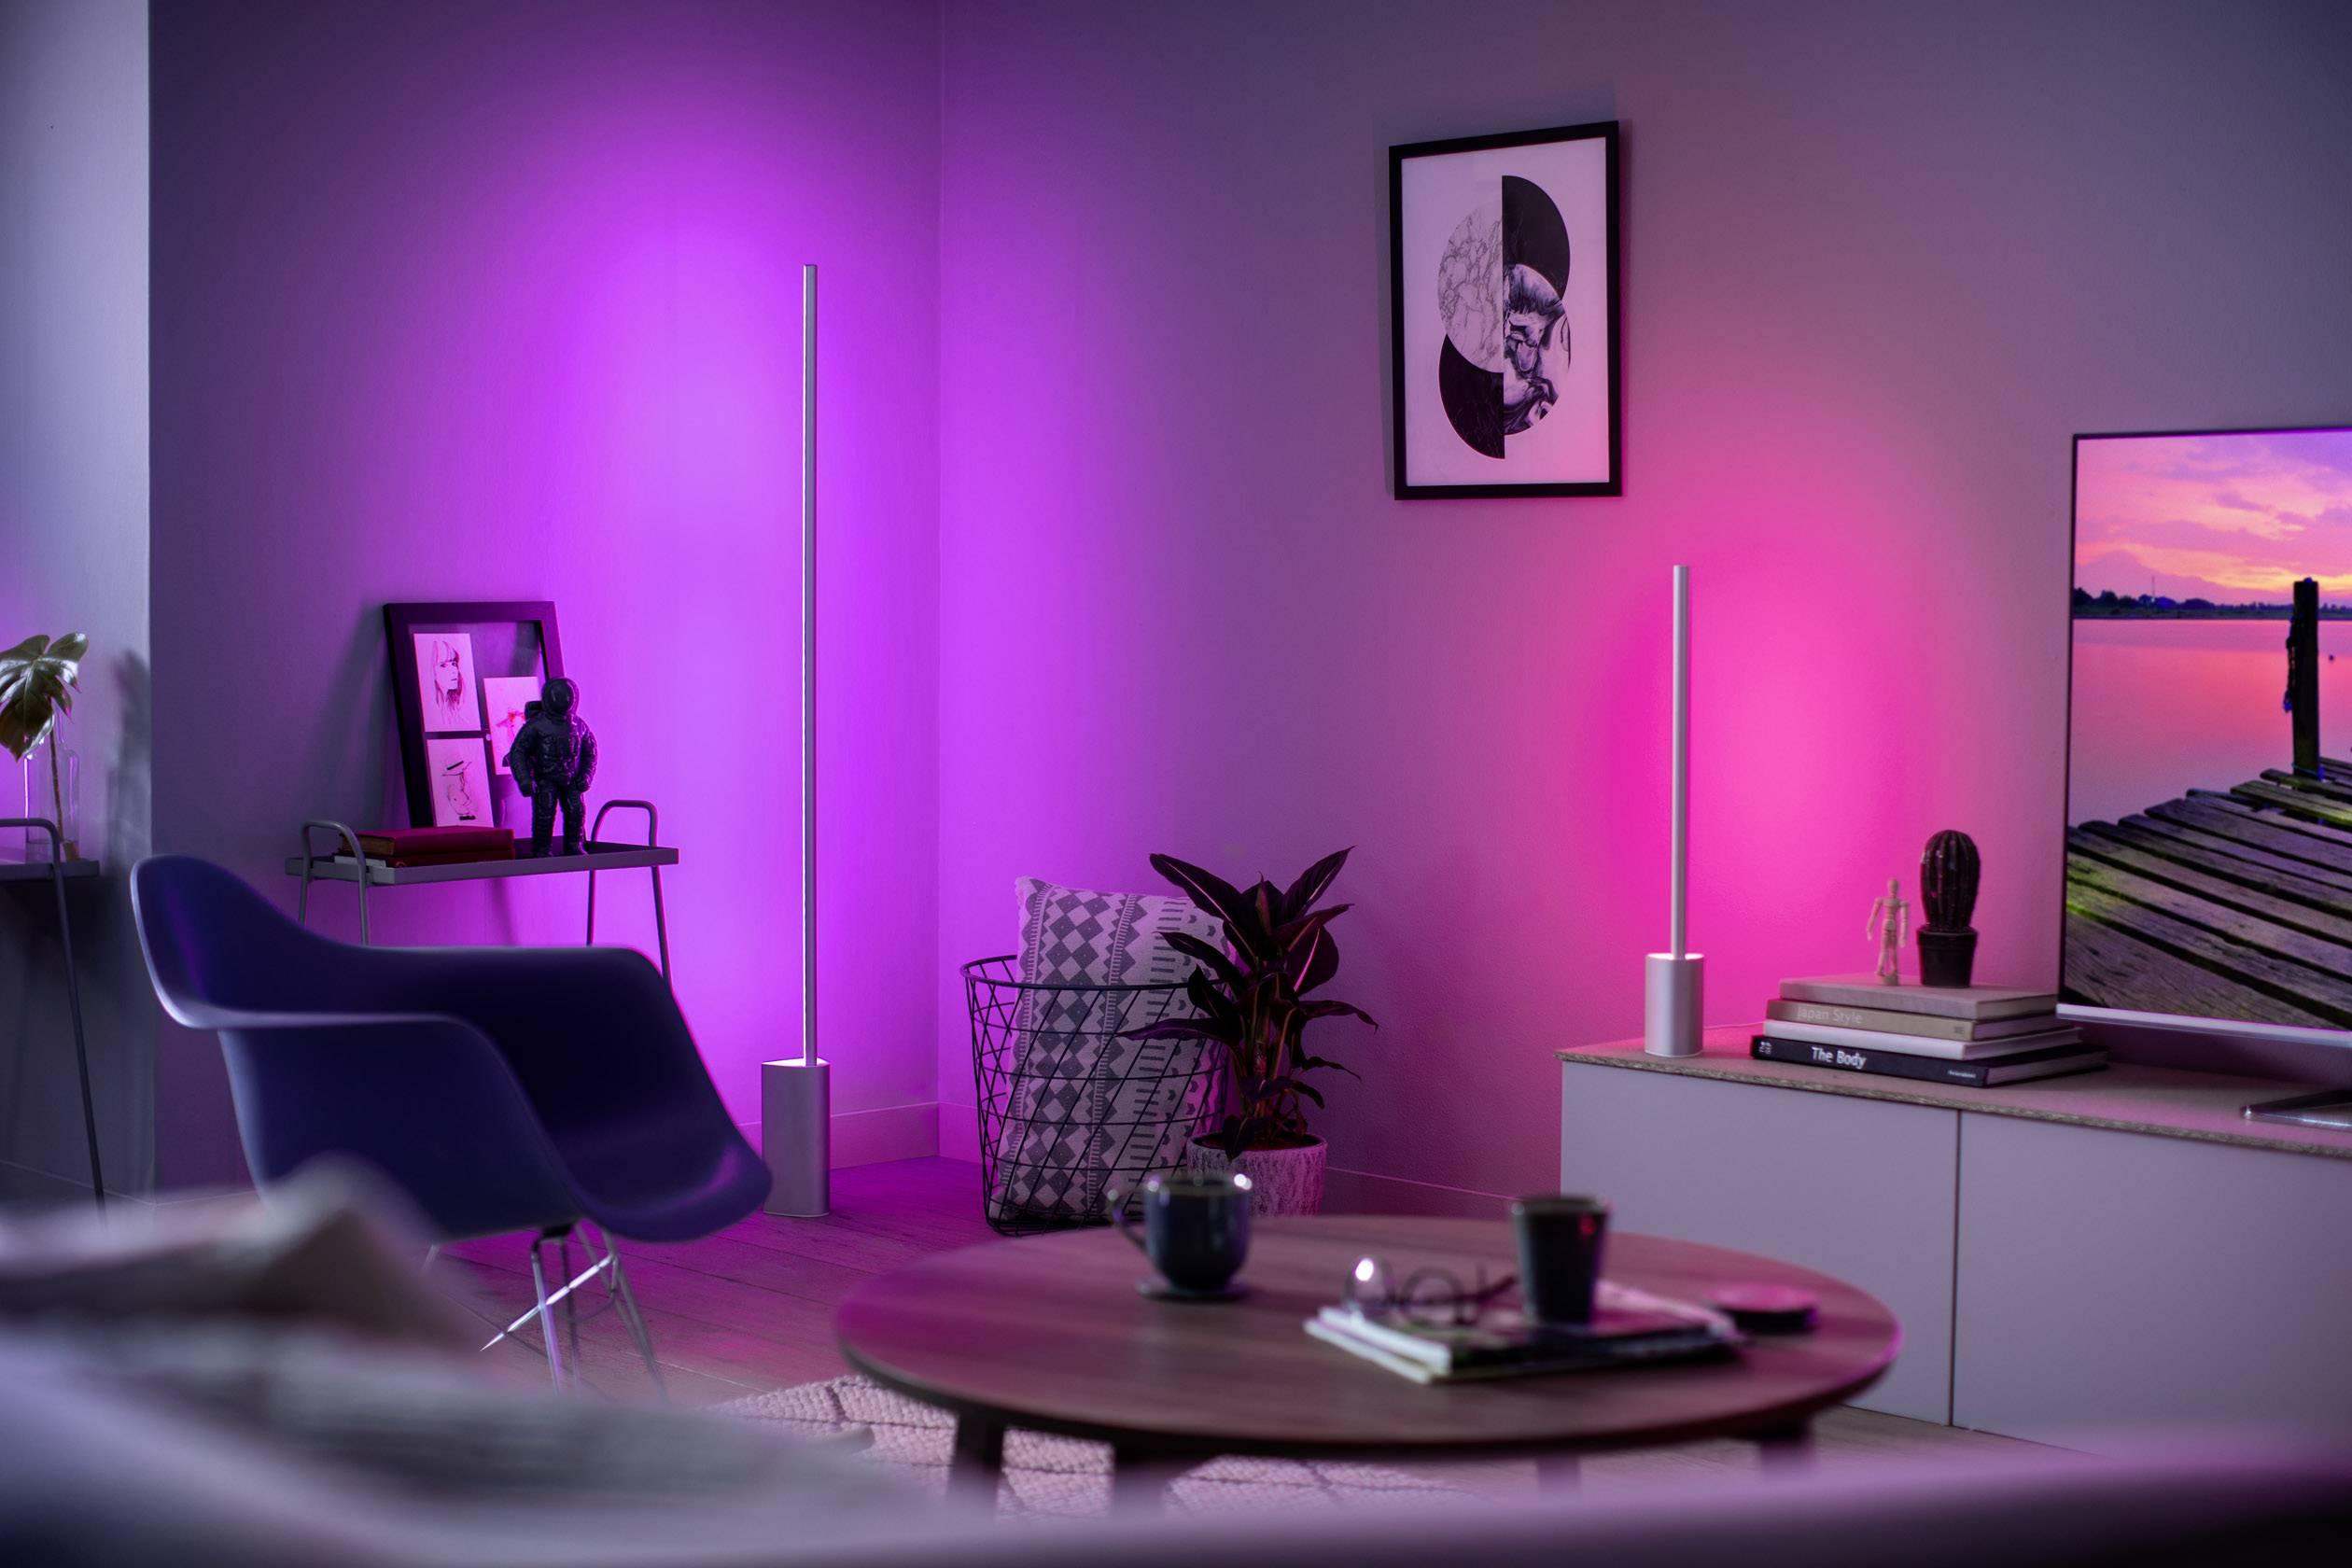 Led Sur Pied 32 Signe Intégrée Philips Rvbb Lampe W Lighting Hue SMpVUz